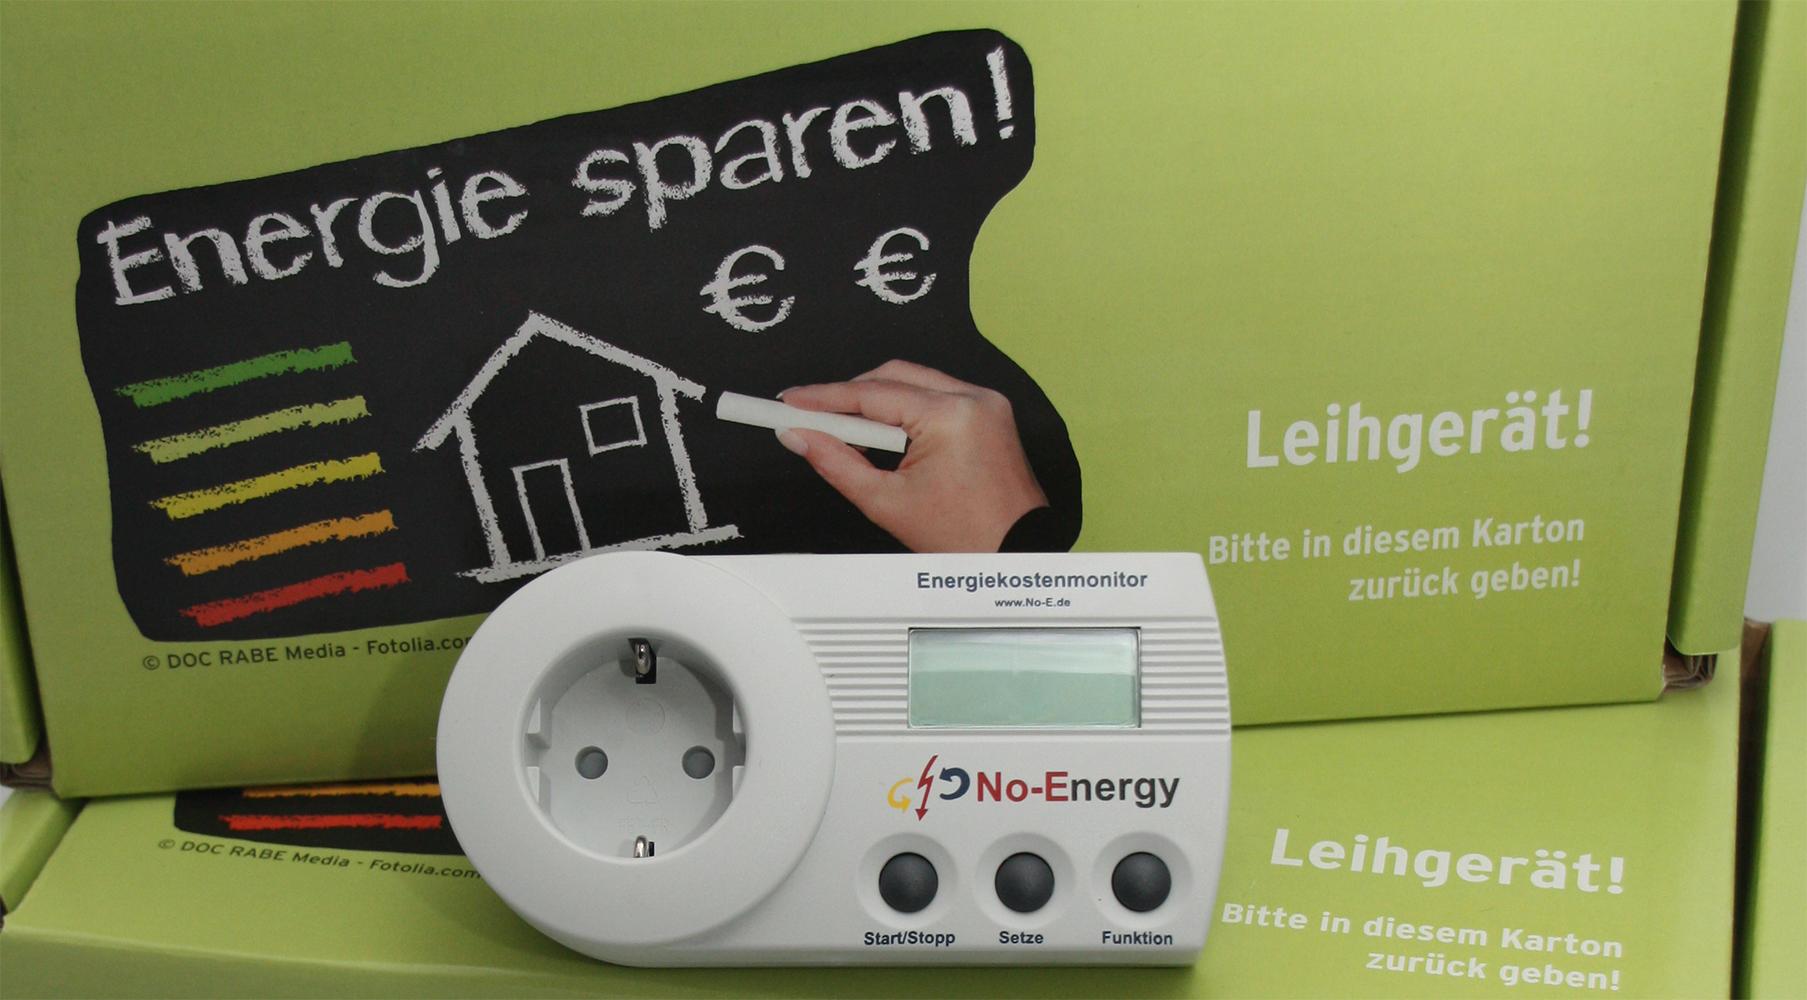 energiesparpaket für haushalte & energiesparkiste für schulen, Gartengerate ideen